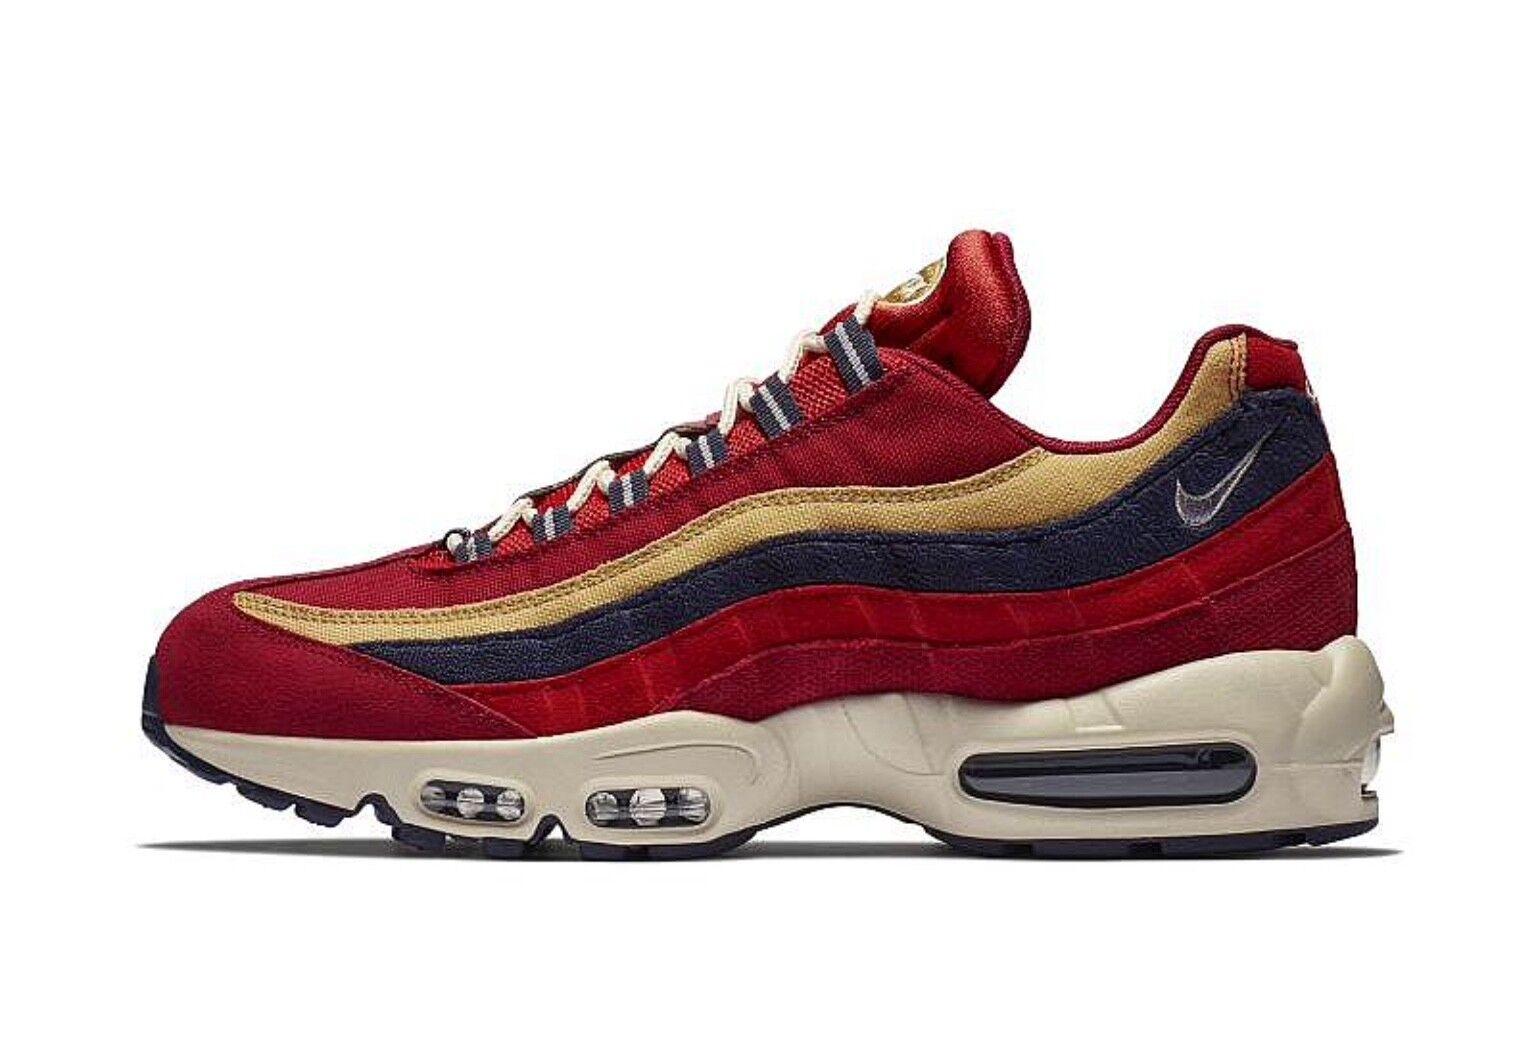 Échantillon Nike Air Max 95 PRM Rouge - Rouge / Blé Or 538416-603 UK8 / EU42.5 / US9